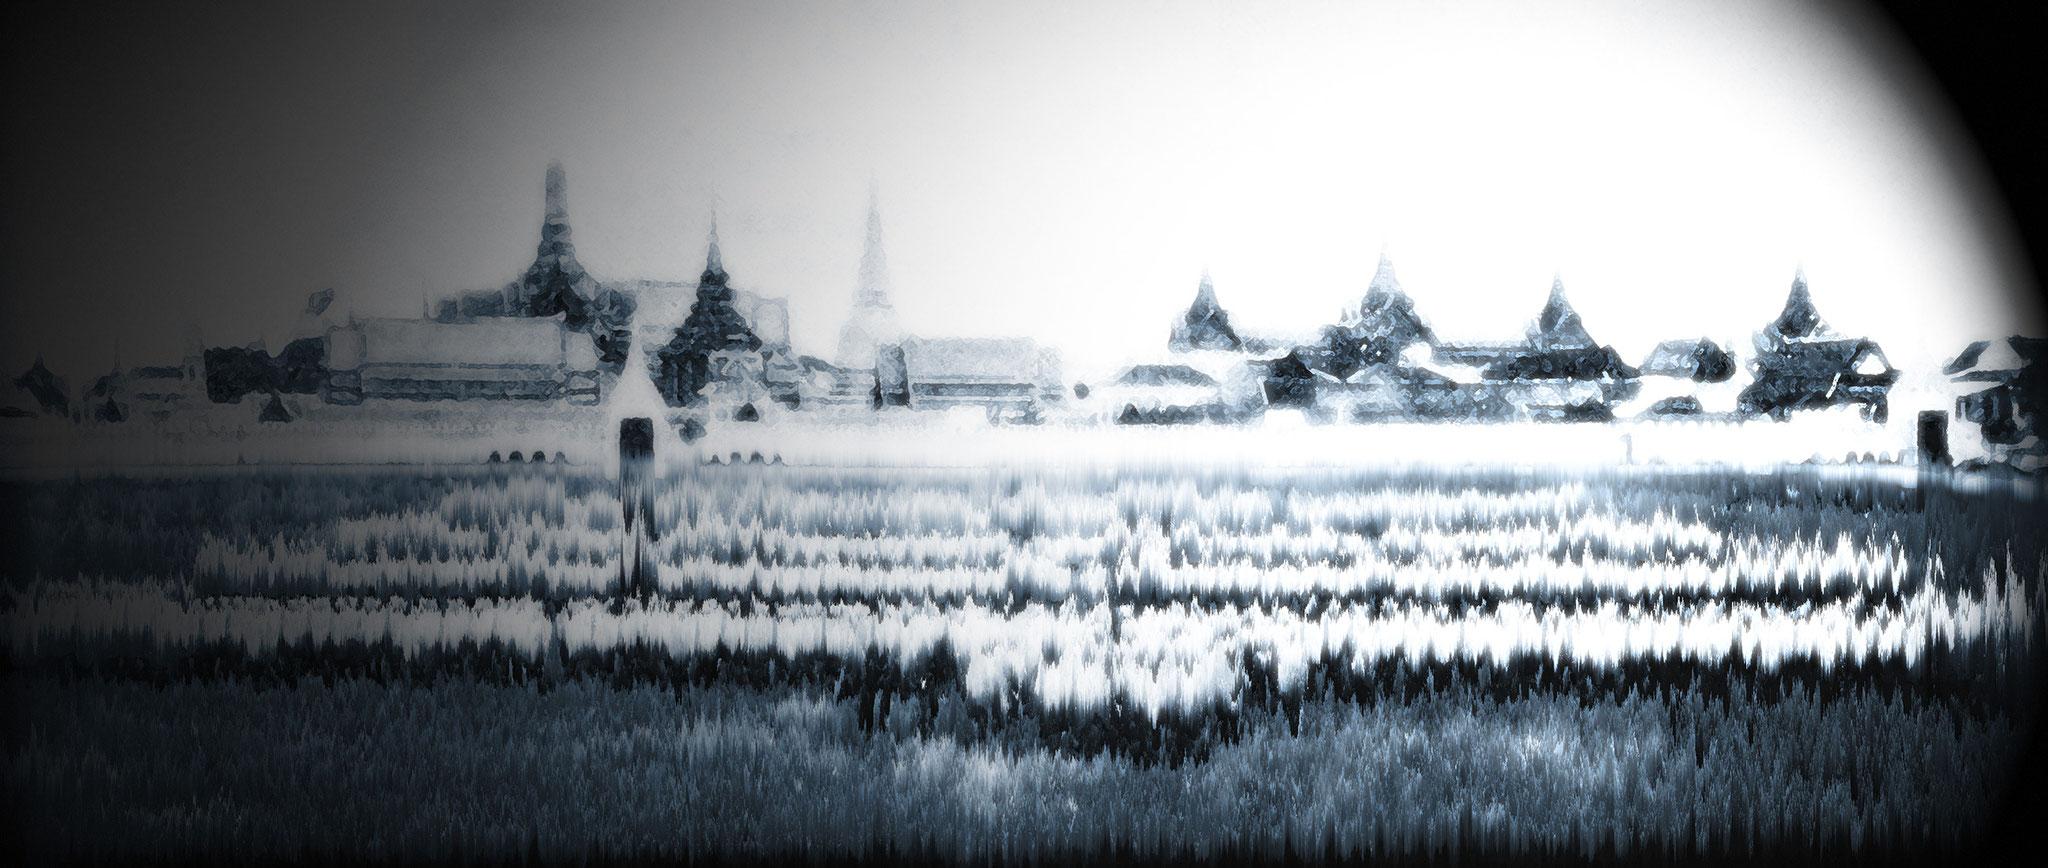 Royal Guards, Bangkok, 1893